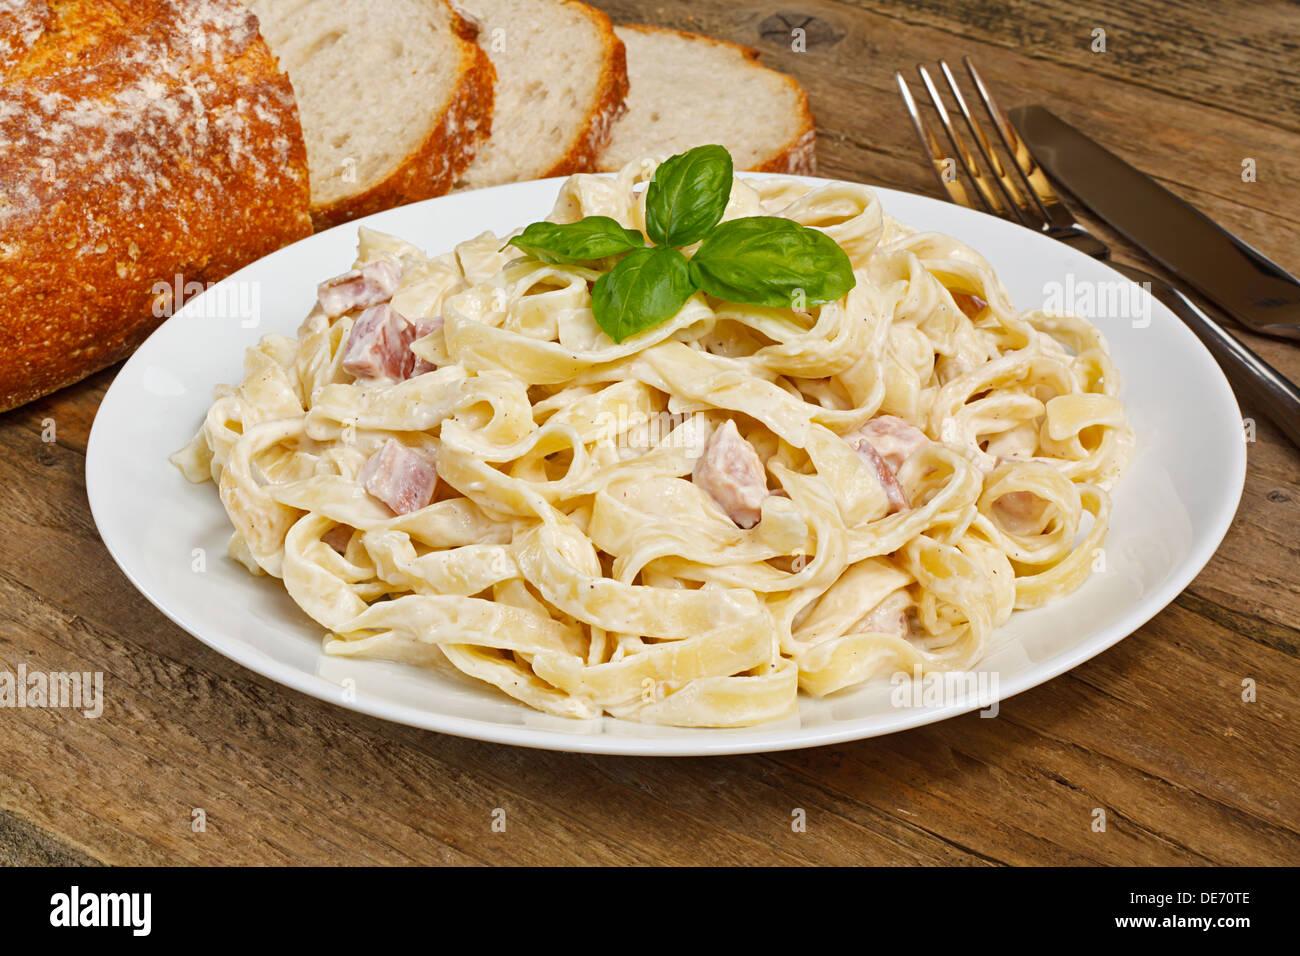 Piastra di tagliatelli carbonara cibo italiano in un ristorante rustico impostazione Immagini Stock